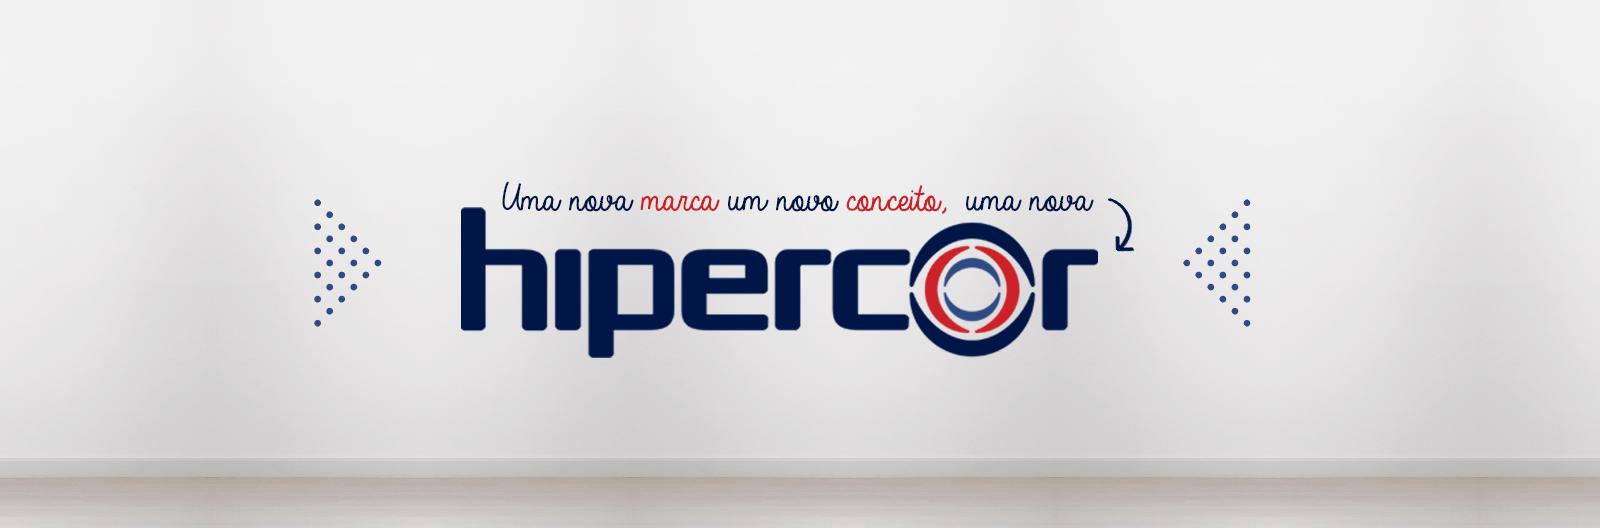 Hipercor-quem-somos